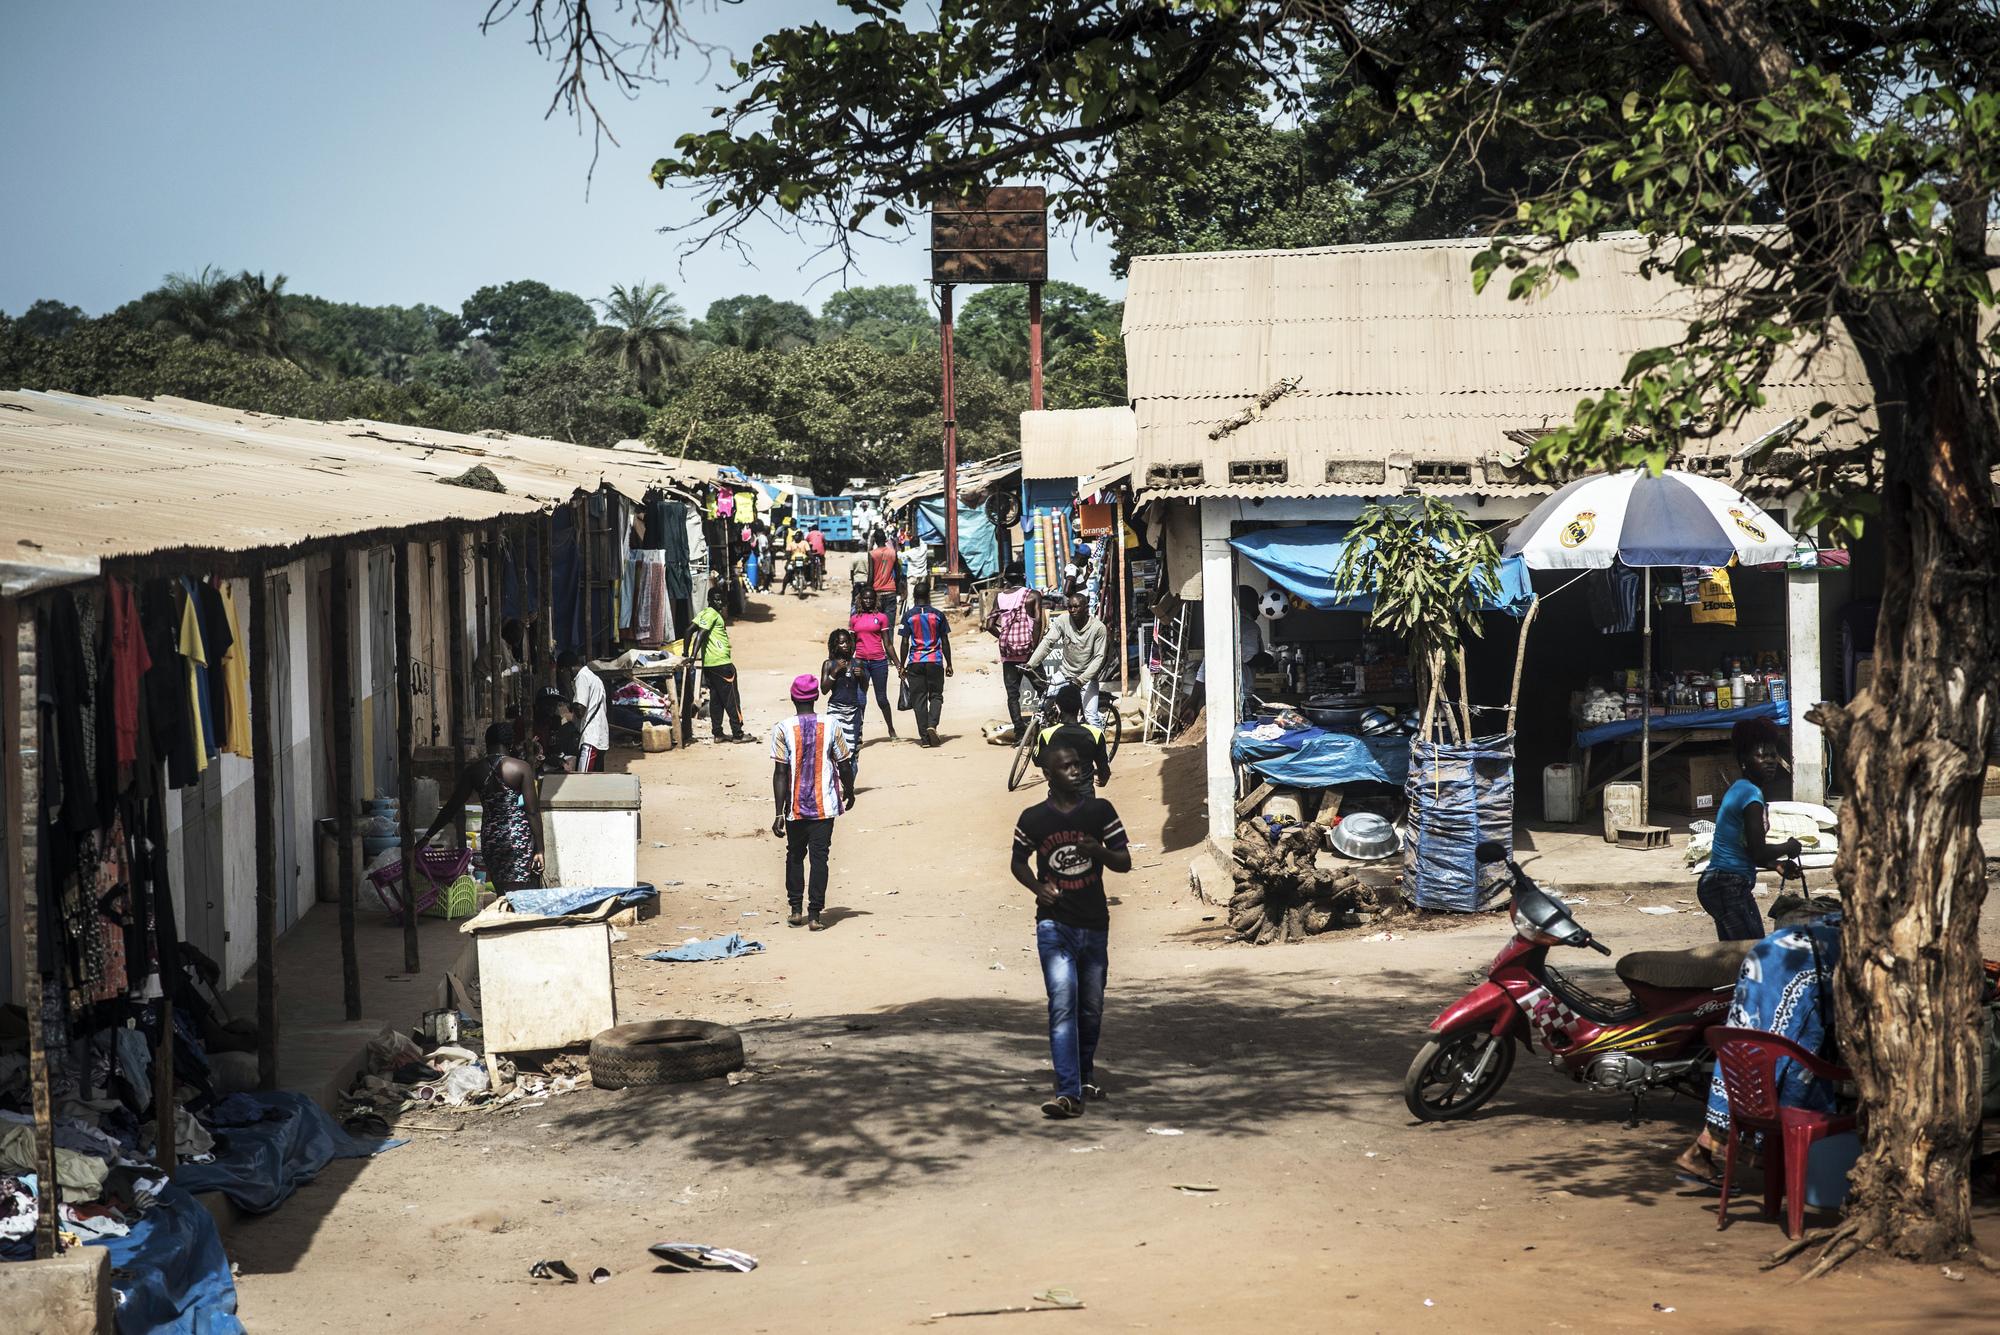 Le marché de Sao Domingos, à la frontière entre la Guinée-Bissau et le Sénégal. Les rebelles casamançais y circulent en toute impunité.